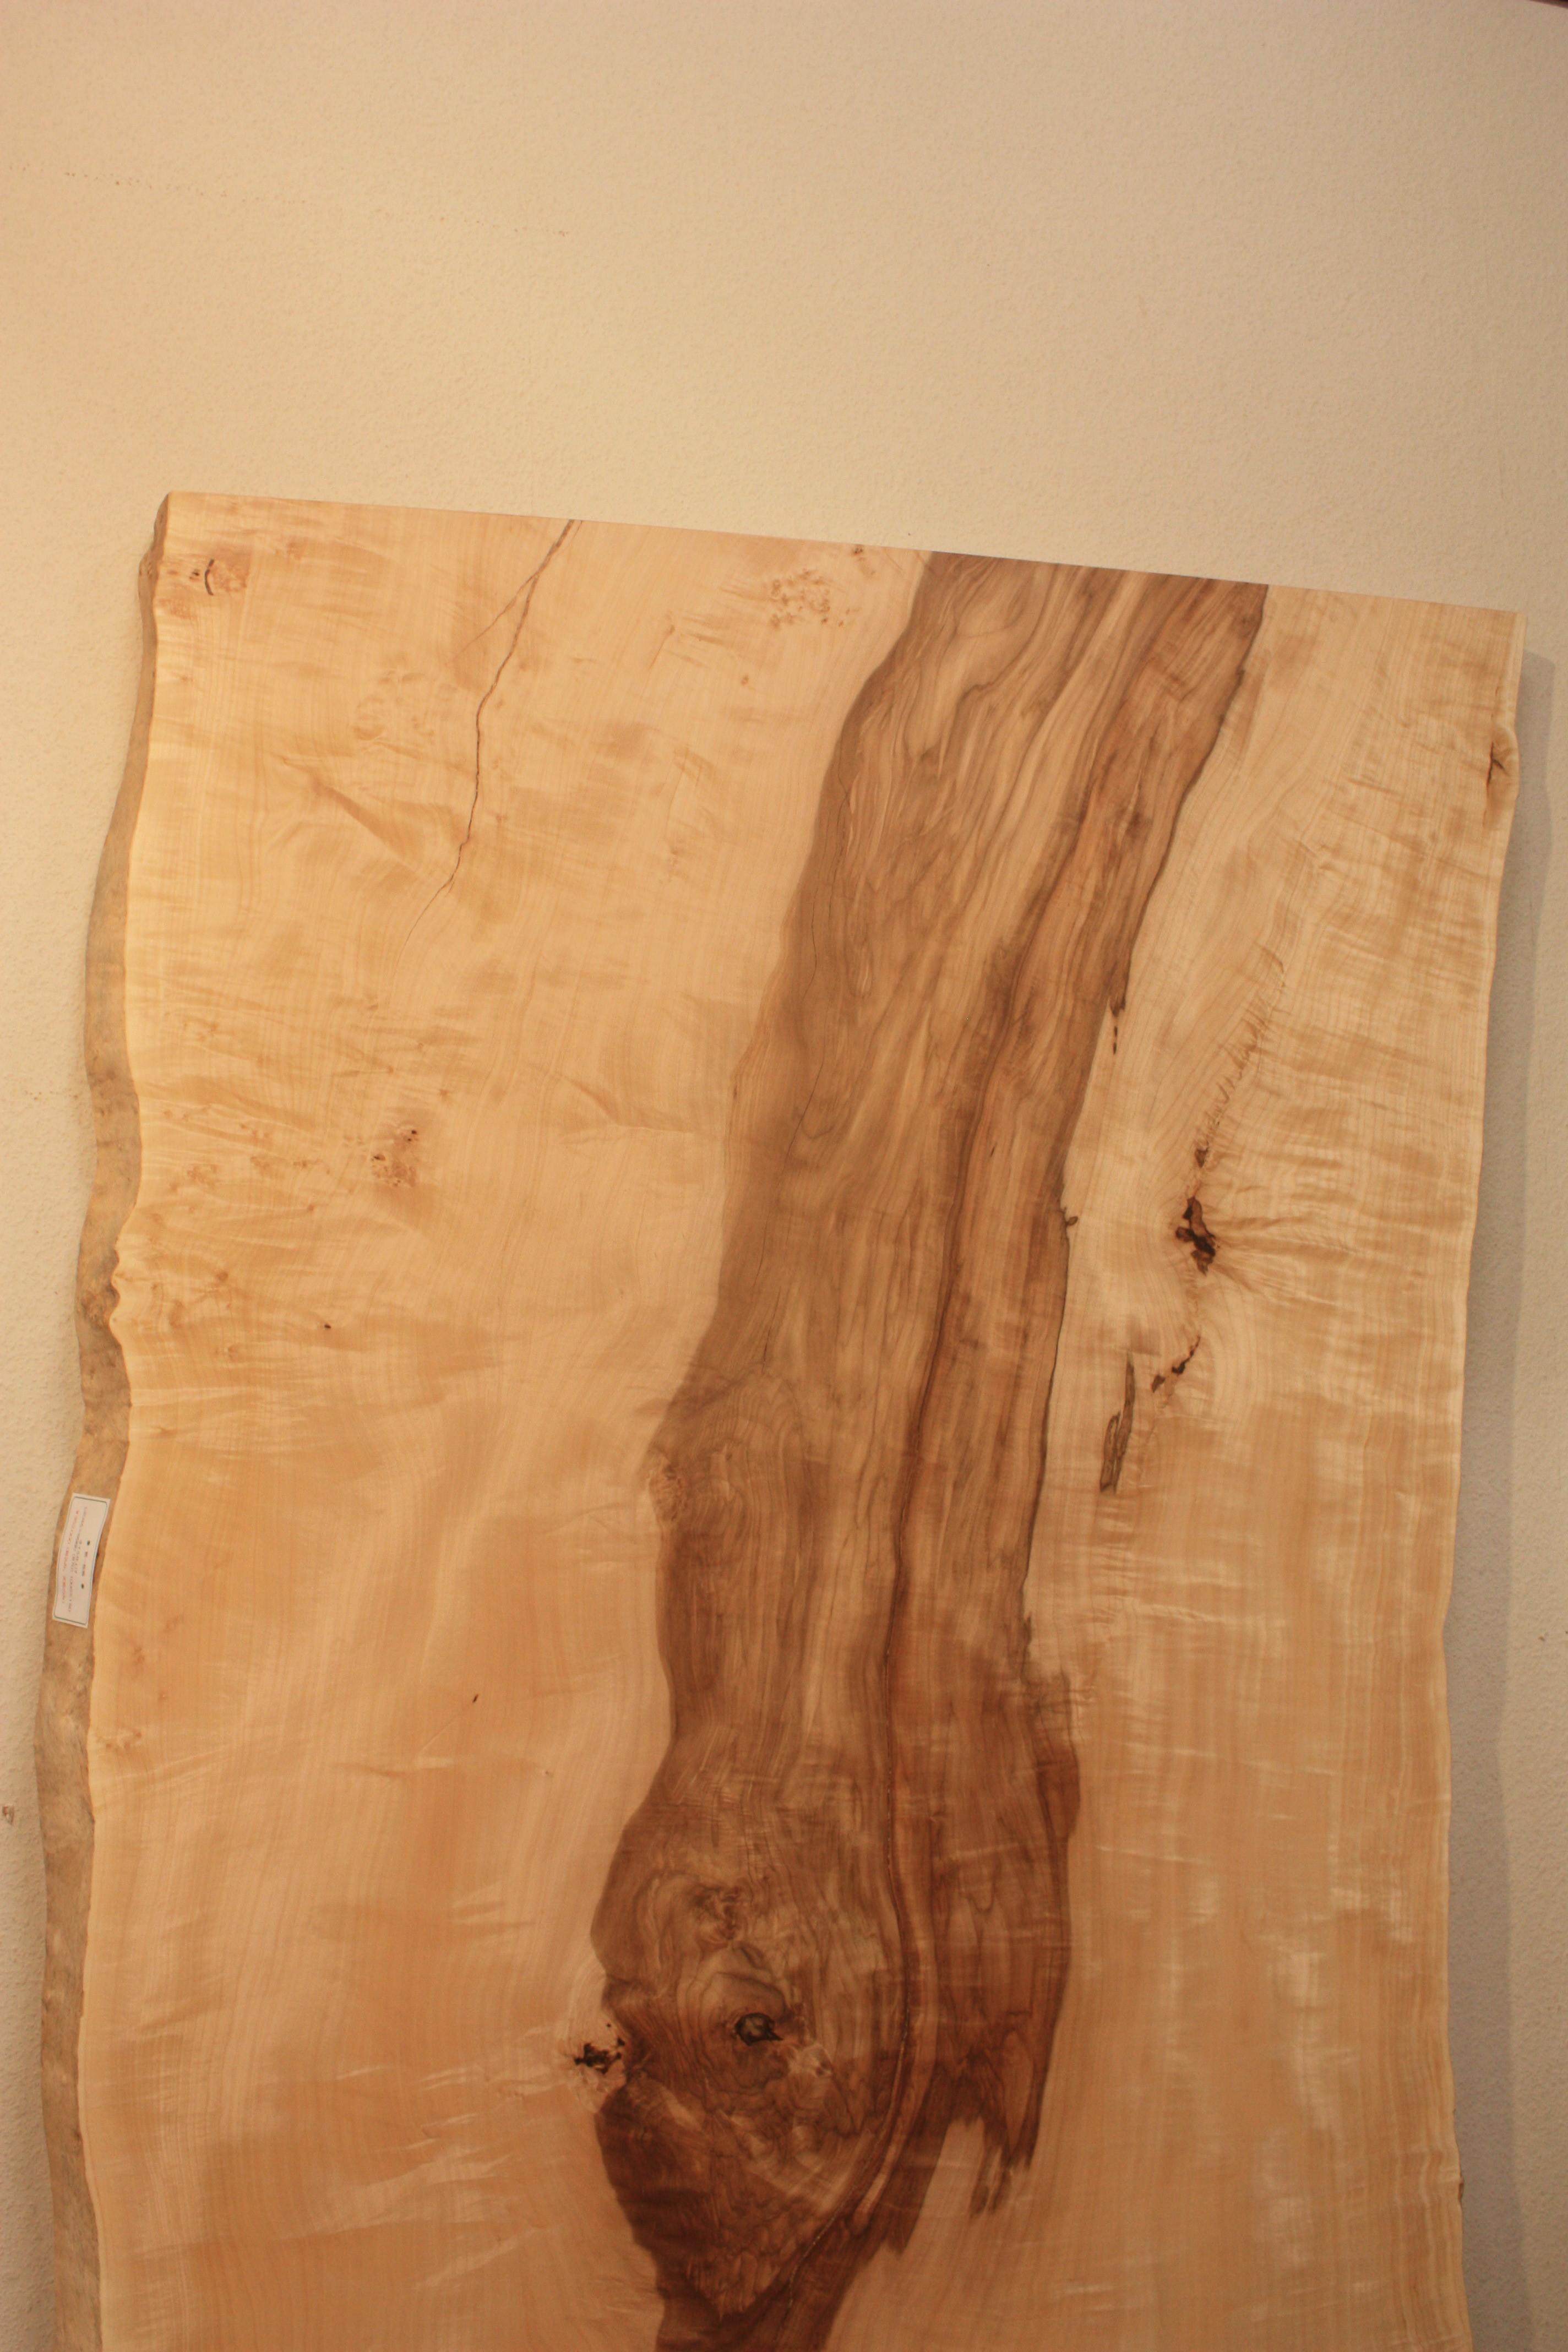 栃の木一枚板ts-07